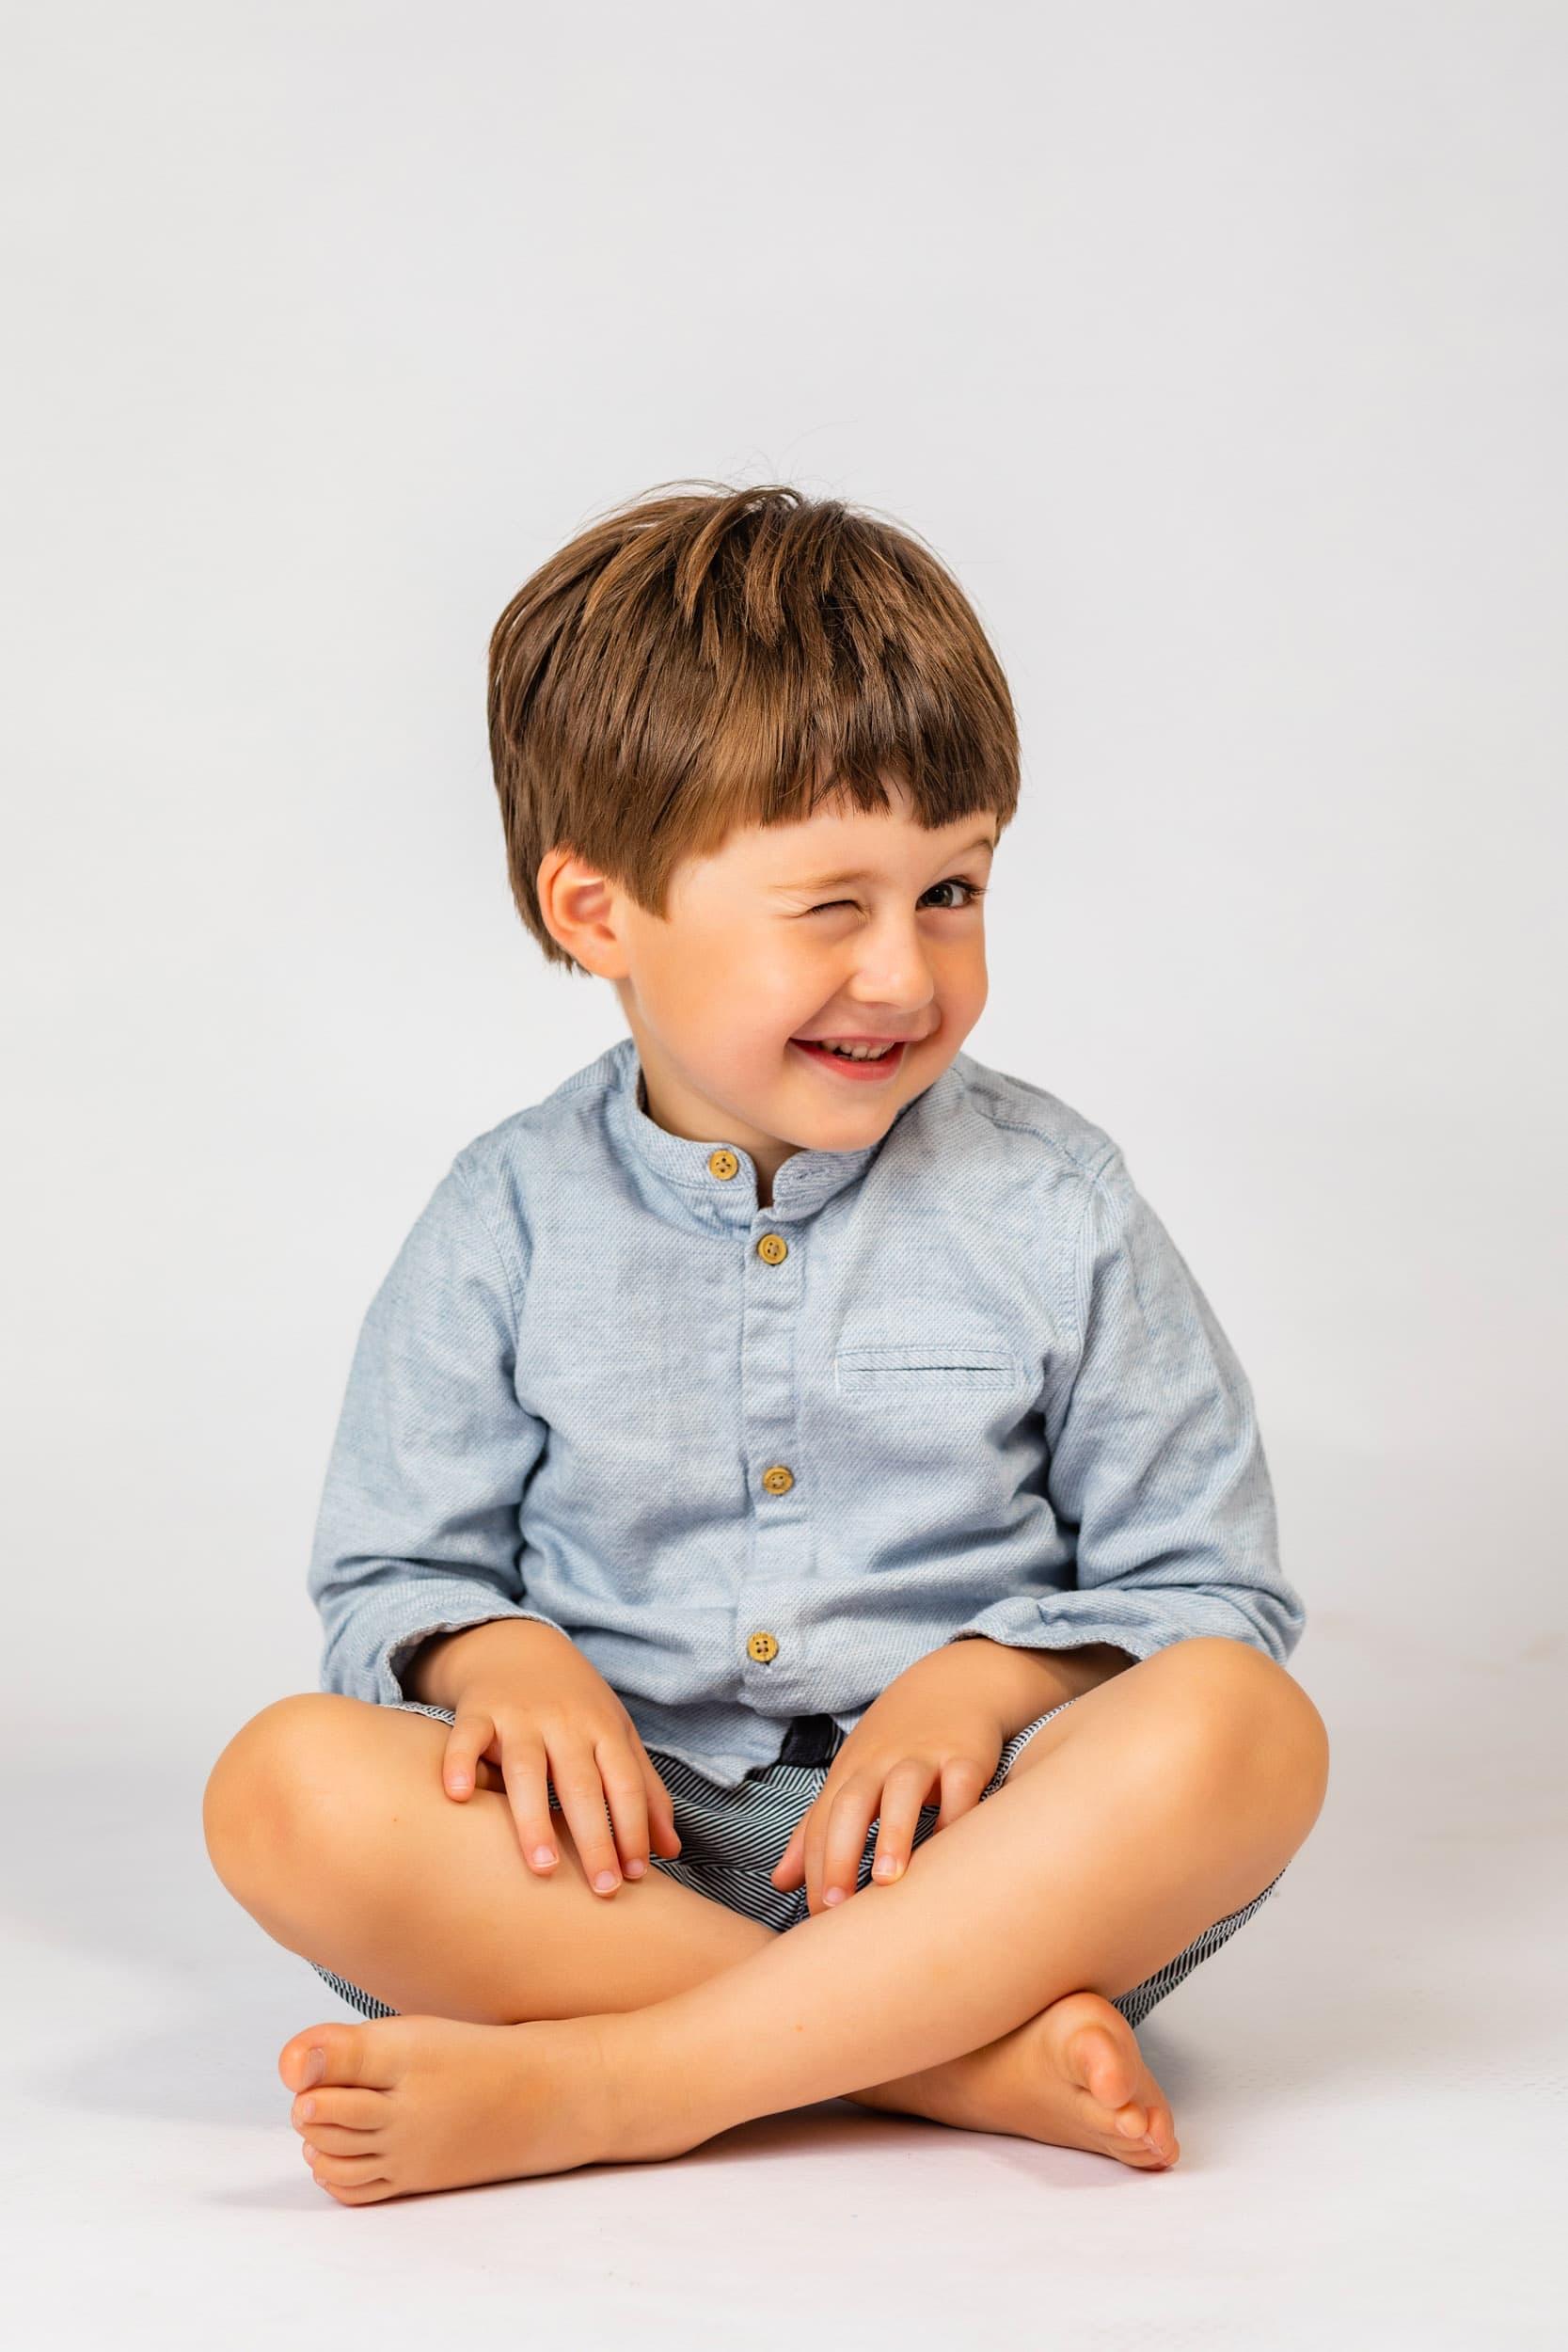 Børnefotograf tæt på København - del 3